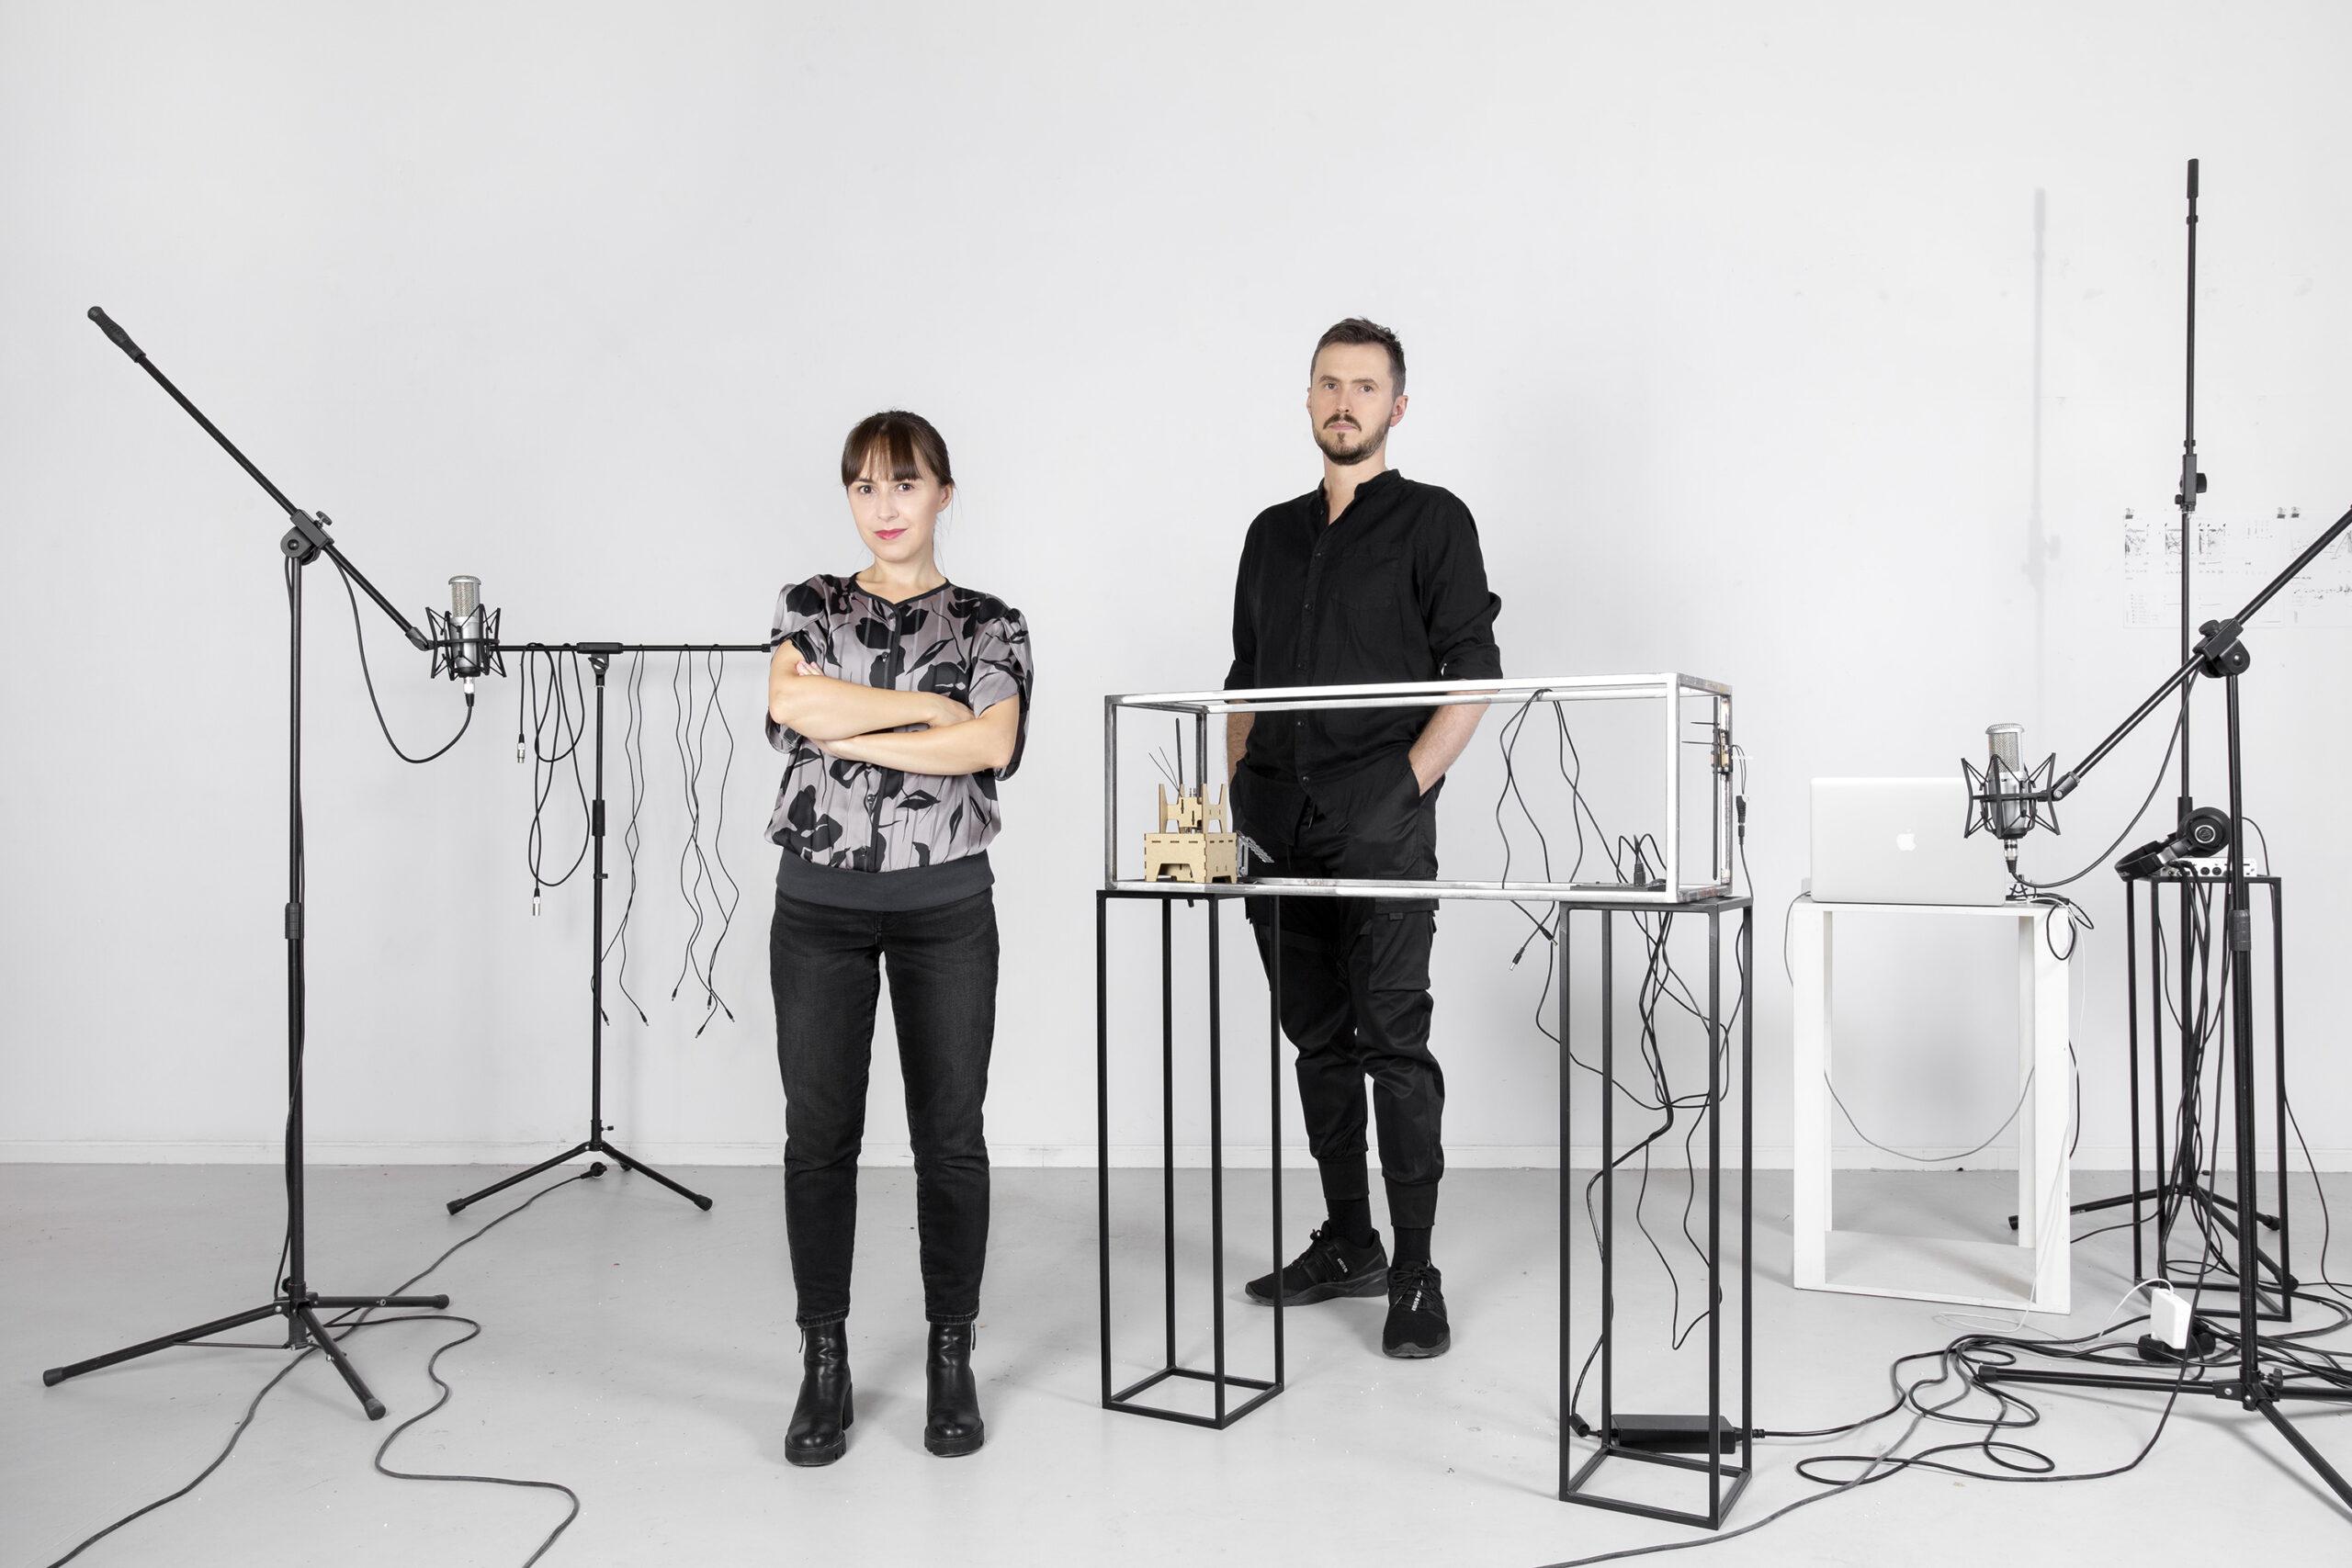 Ewa Doroszenko, Jacek Doroszenko – artystka iartysta wpracowni